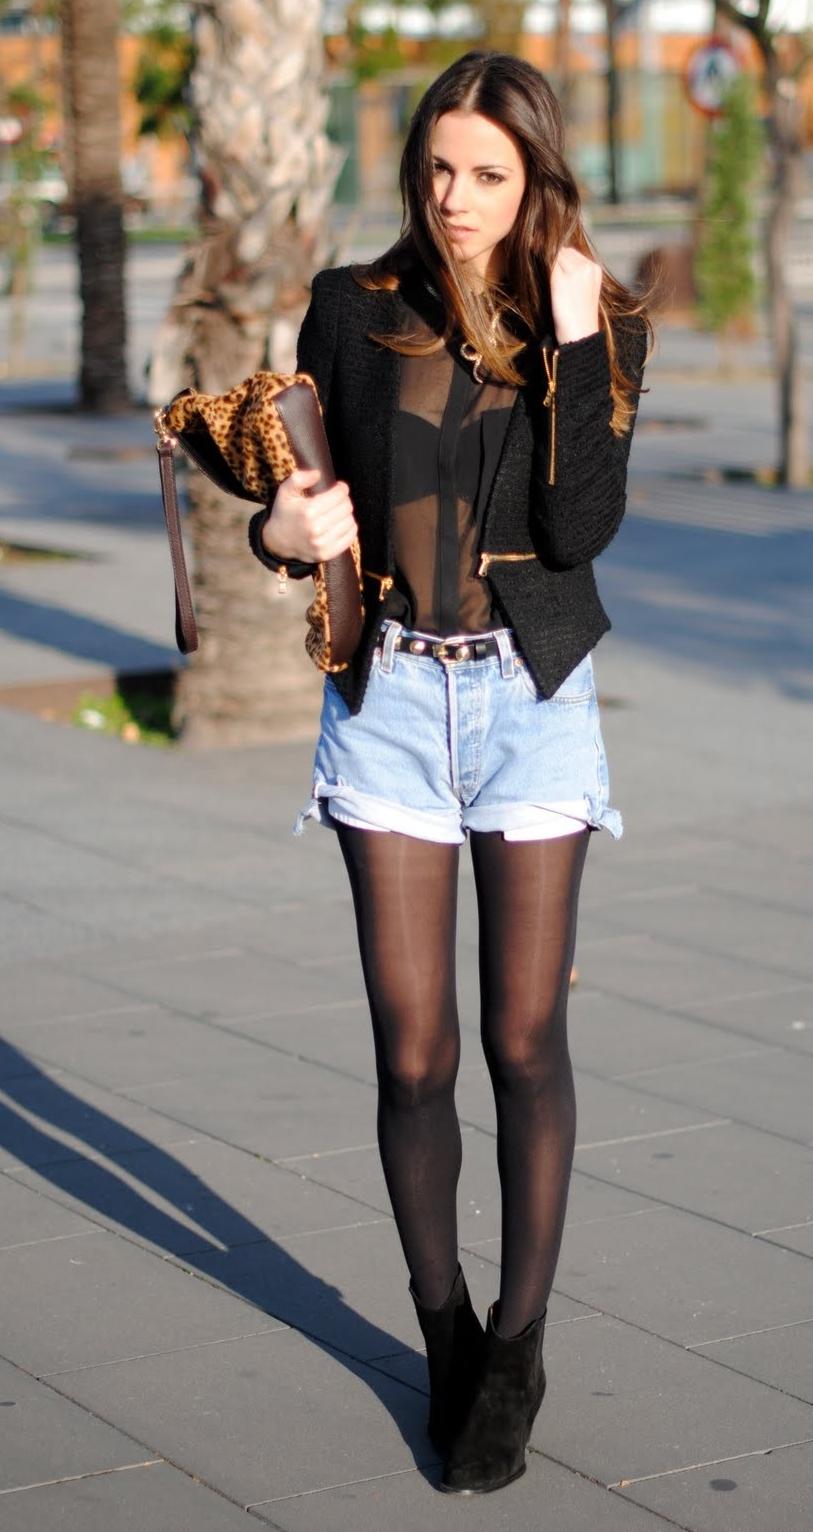 Auburn Girl wearing Black Ripped Sheer Pantyhose